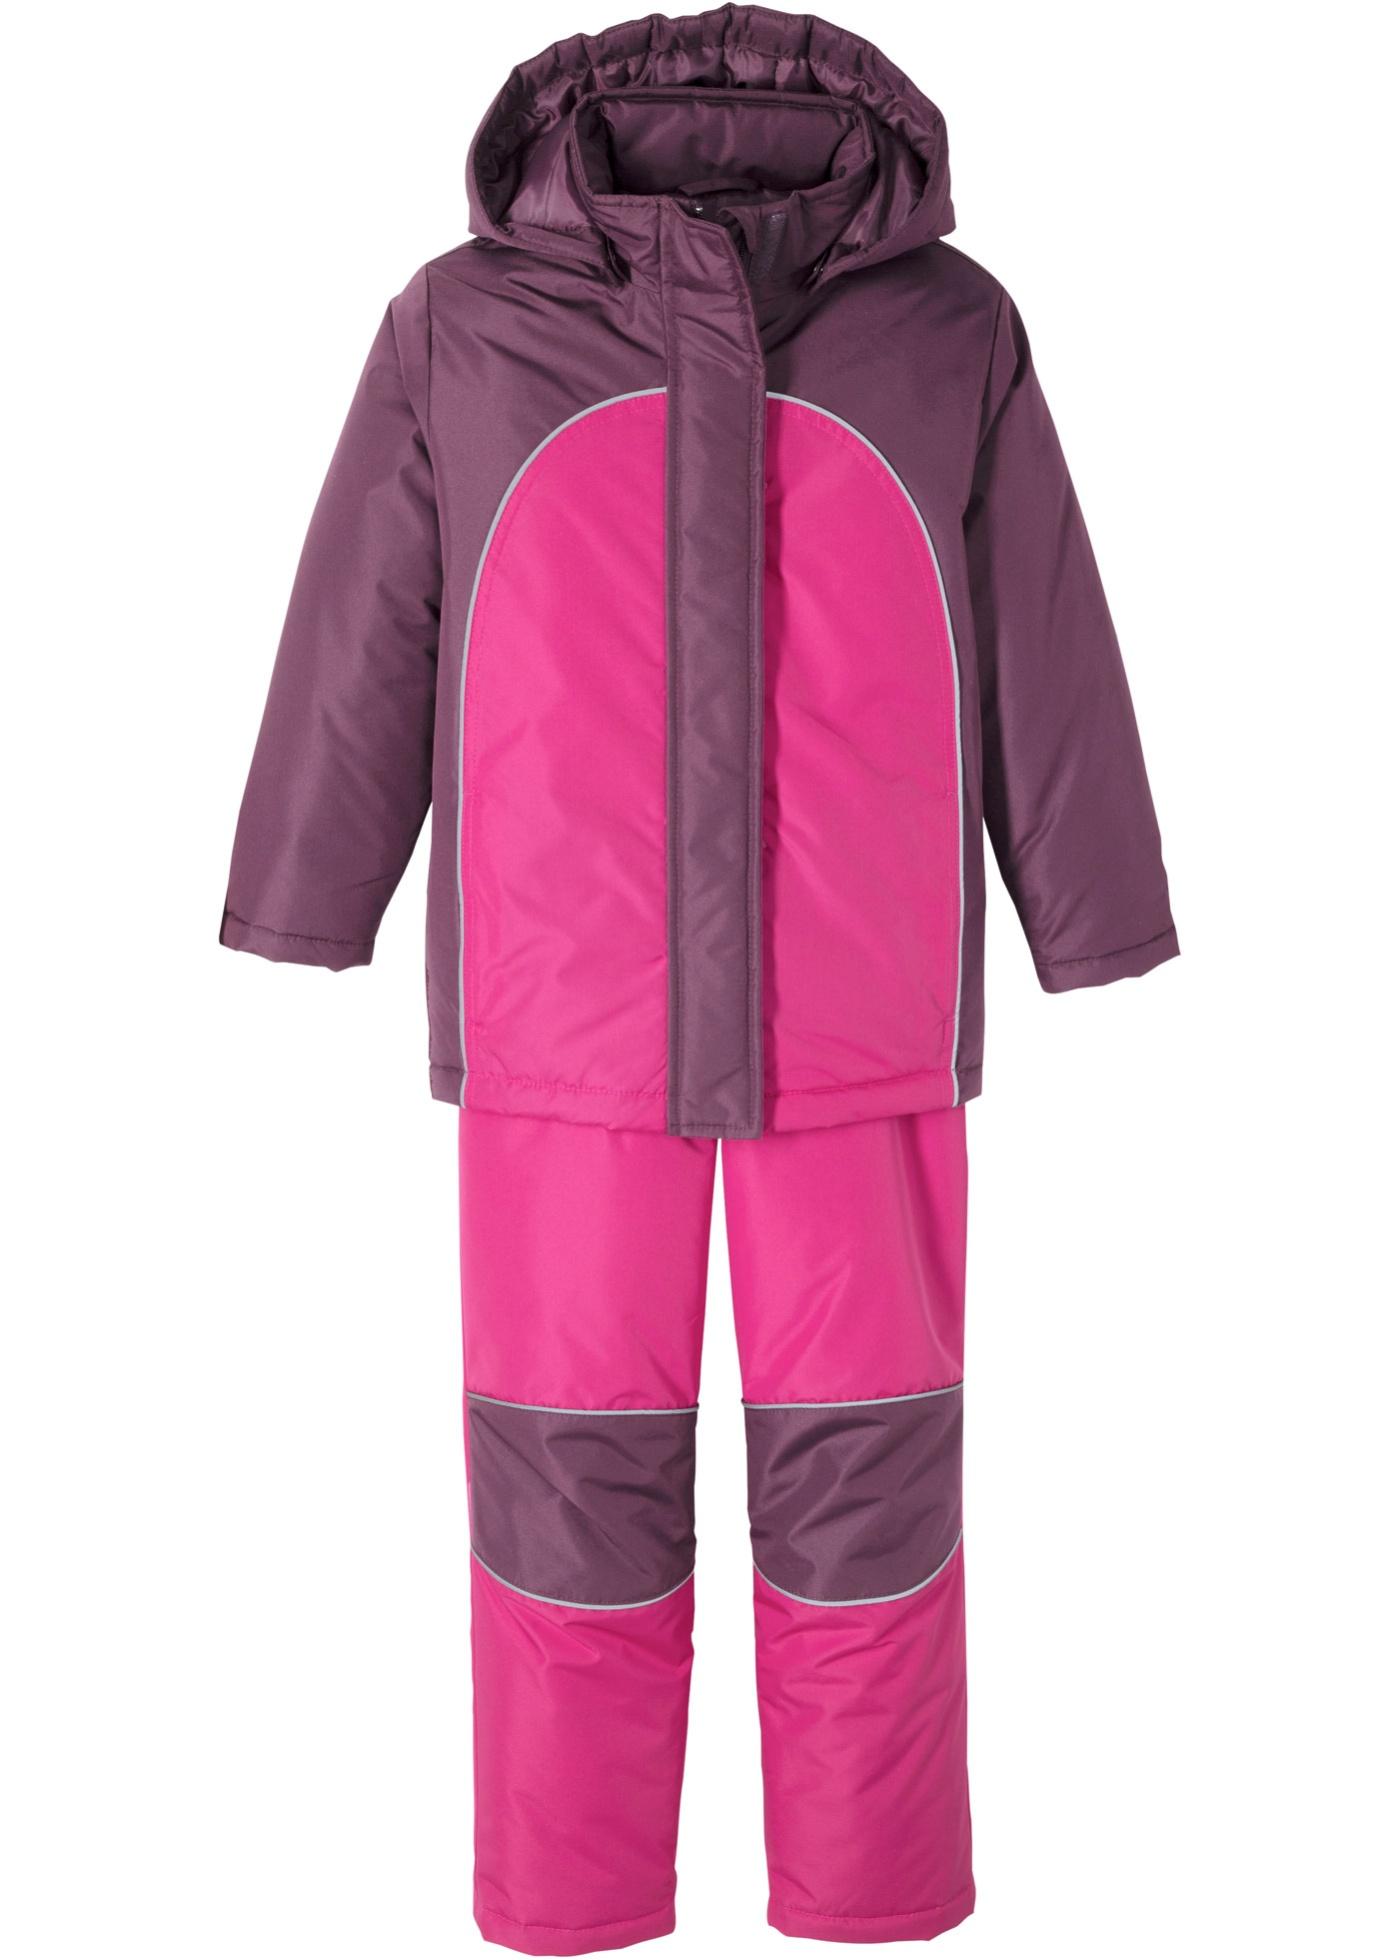 Mädchen Schneeanzug (2-tlg. Set) langarm  in lila für Babys von bonprix